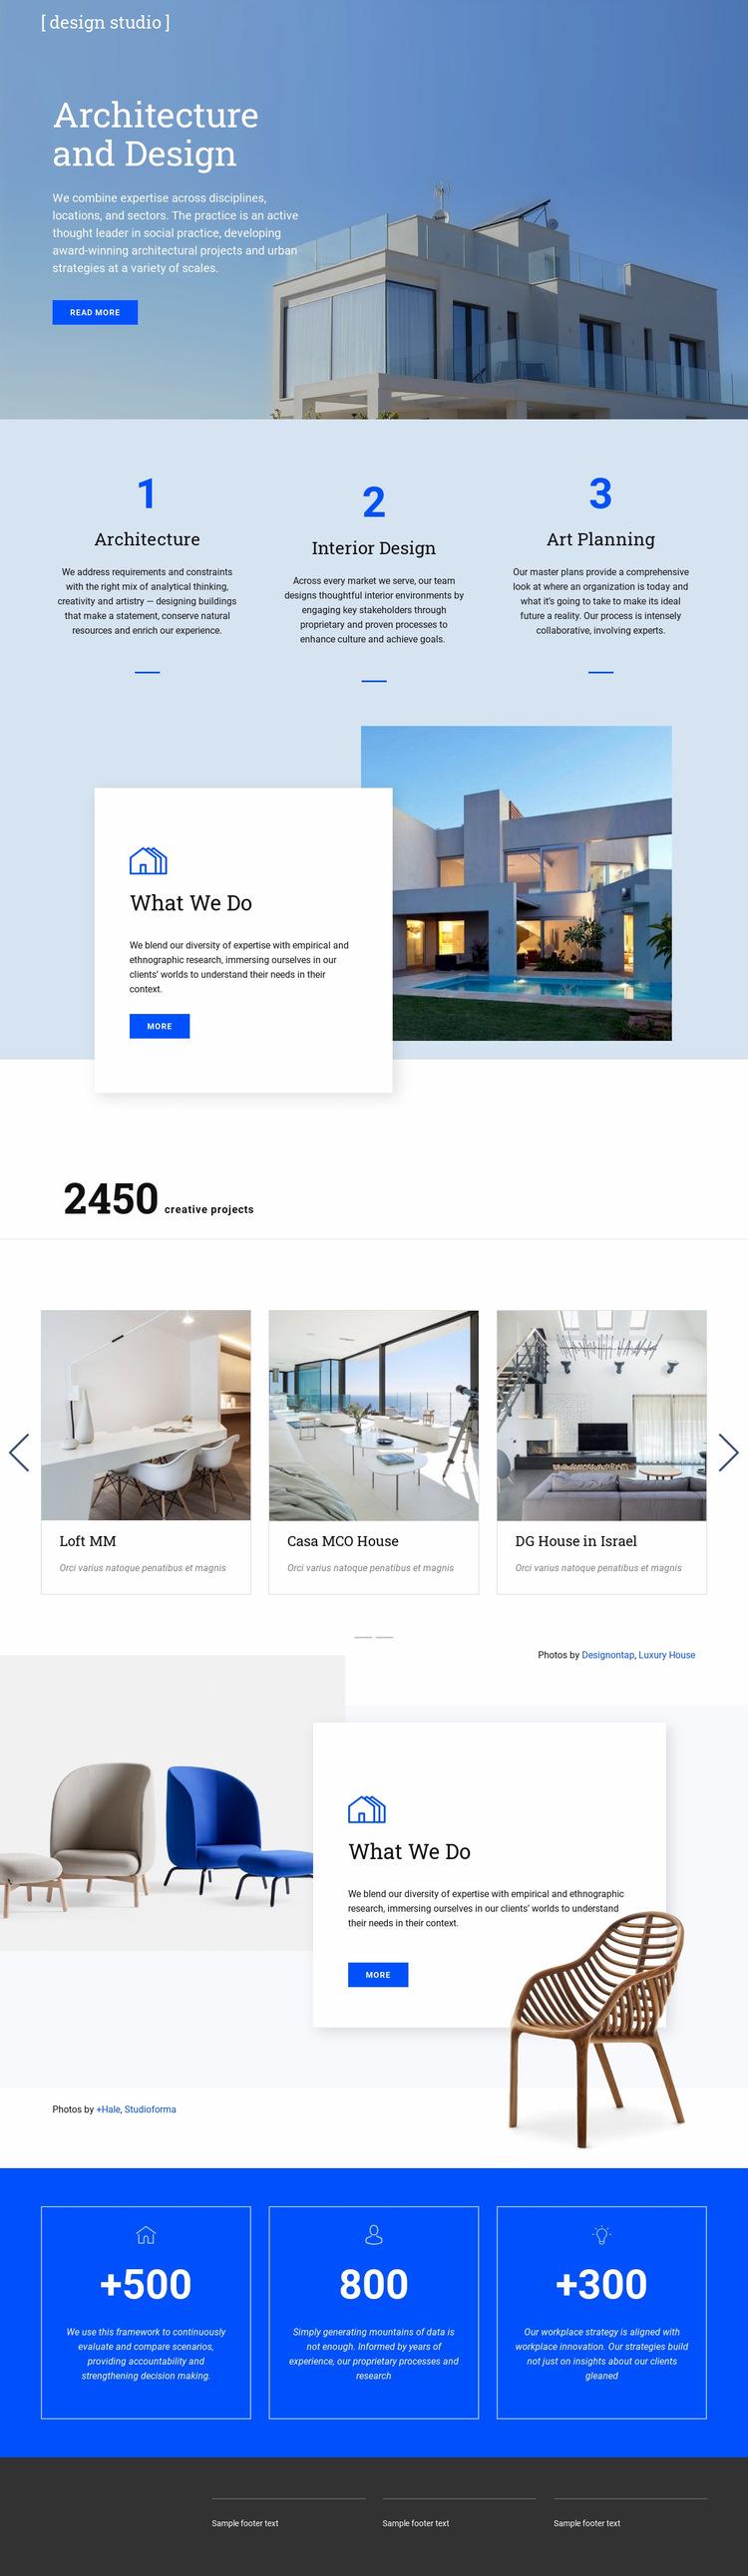 Architecture and design Web Page Design